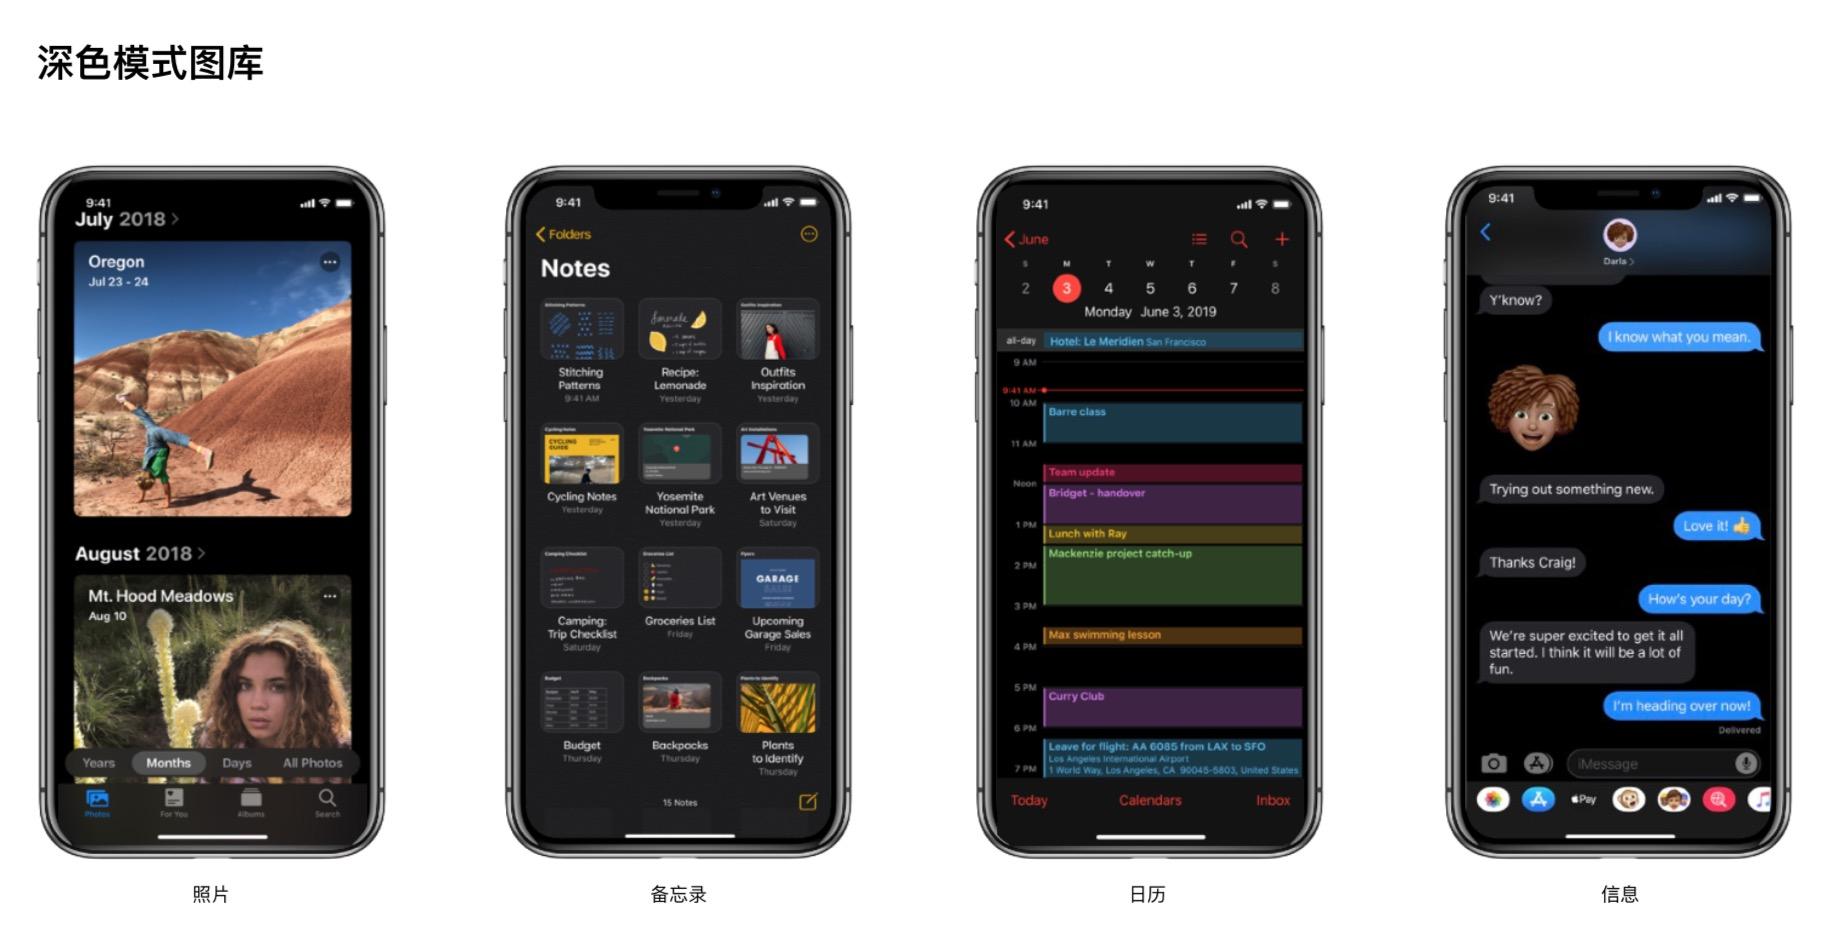 iOS 13 主要有哪些变化?5 大新内容汇总